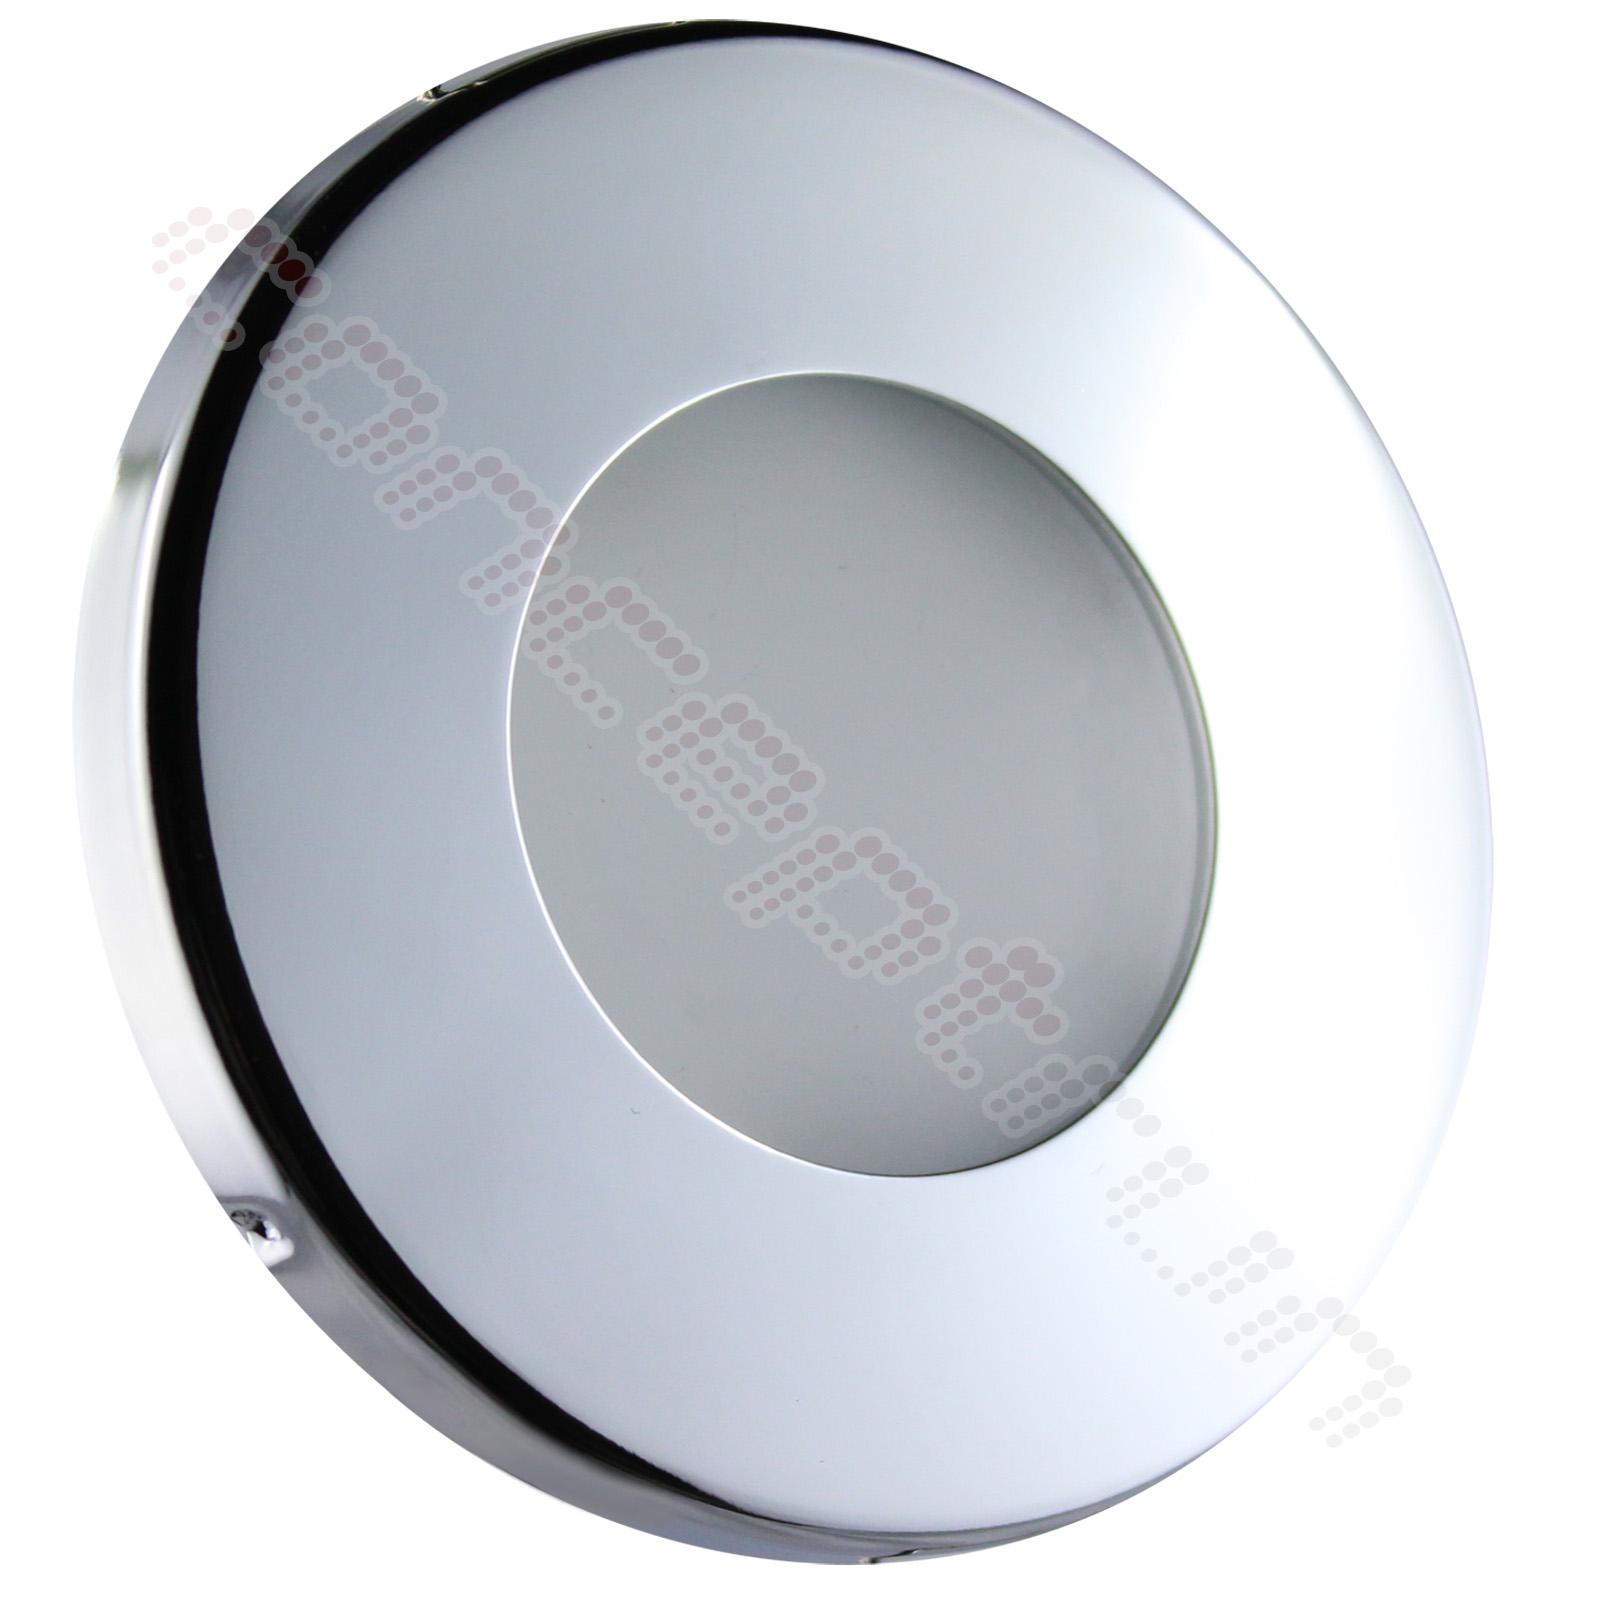 einbaustrahler nassraum bad dusche ip44 ip65 set 12v oder 230v - Licht Dusche Ip